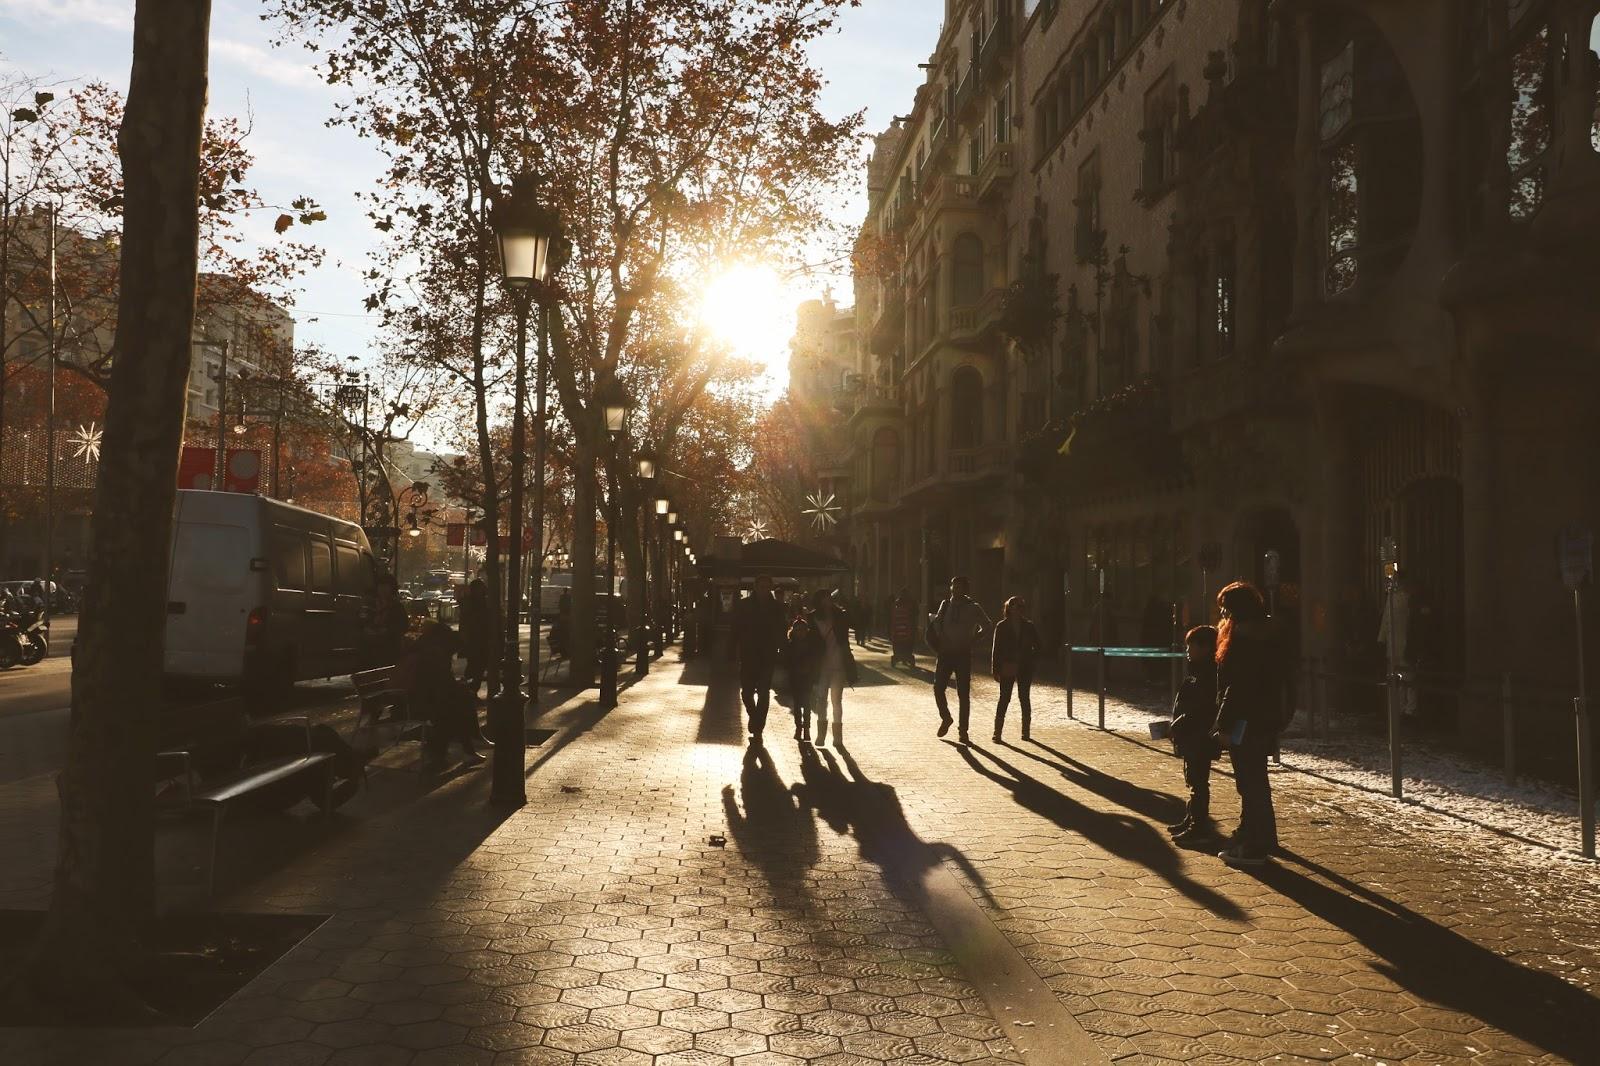 ulice barcelony, święta w barcelonie